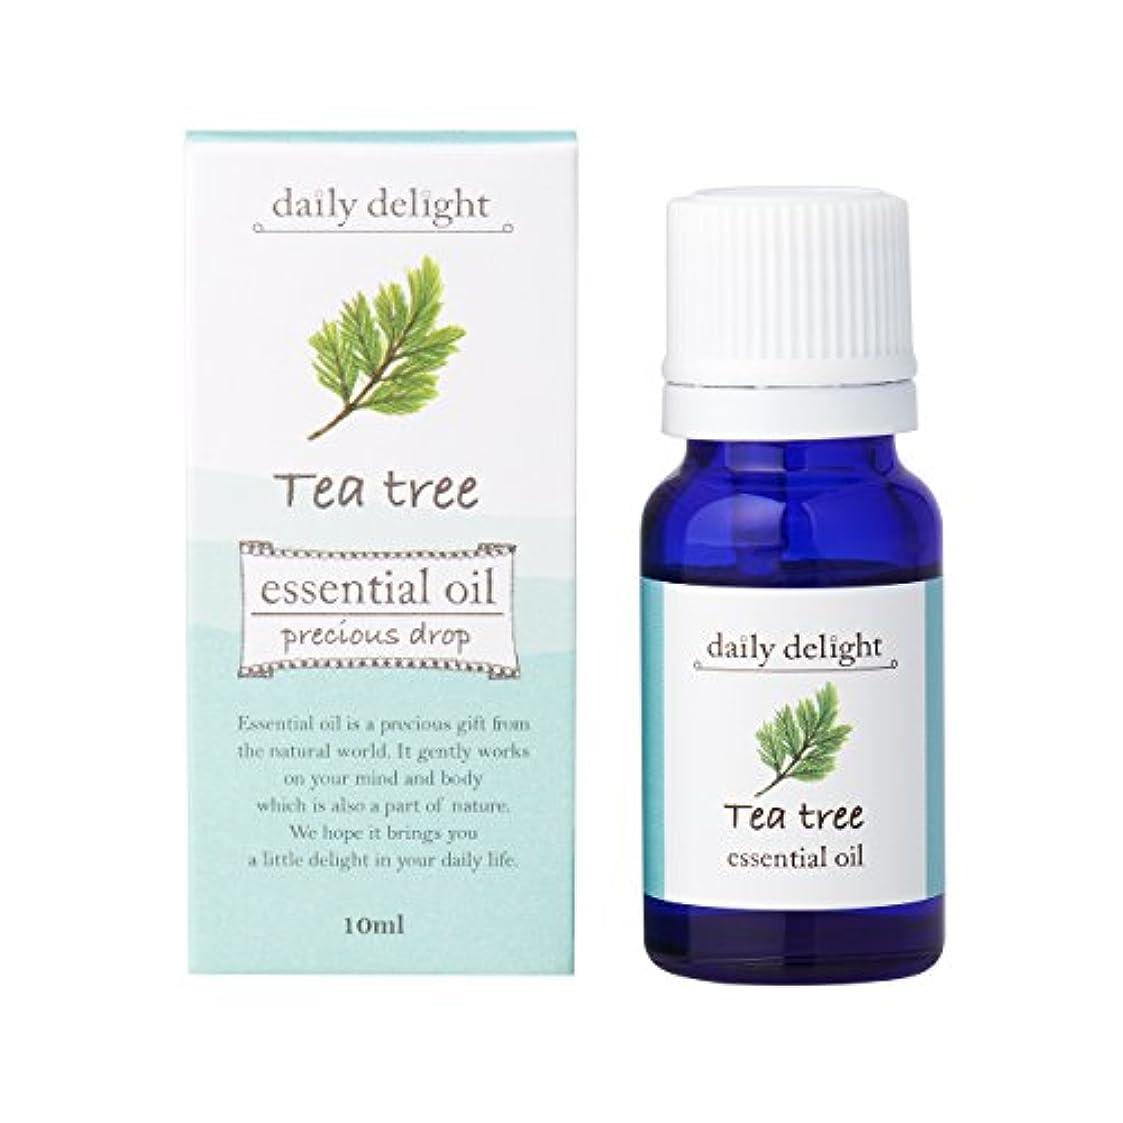 くそー懐疑論週間デイリーディライト エッセンシャルオイル  ティートゥリー 10ml(天然100% 精油 アロマ 樹木系 フレッシュですっきりとした香り)